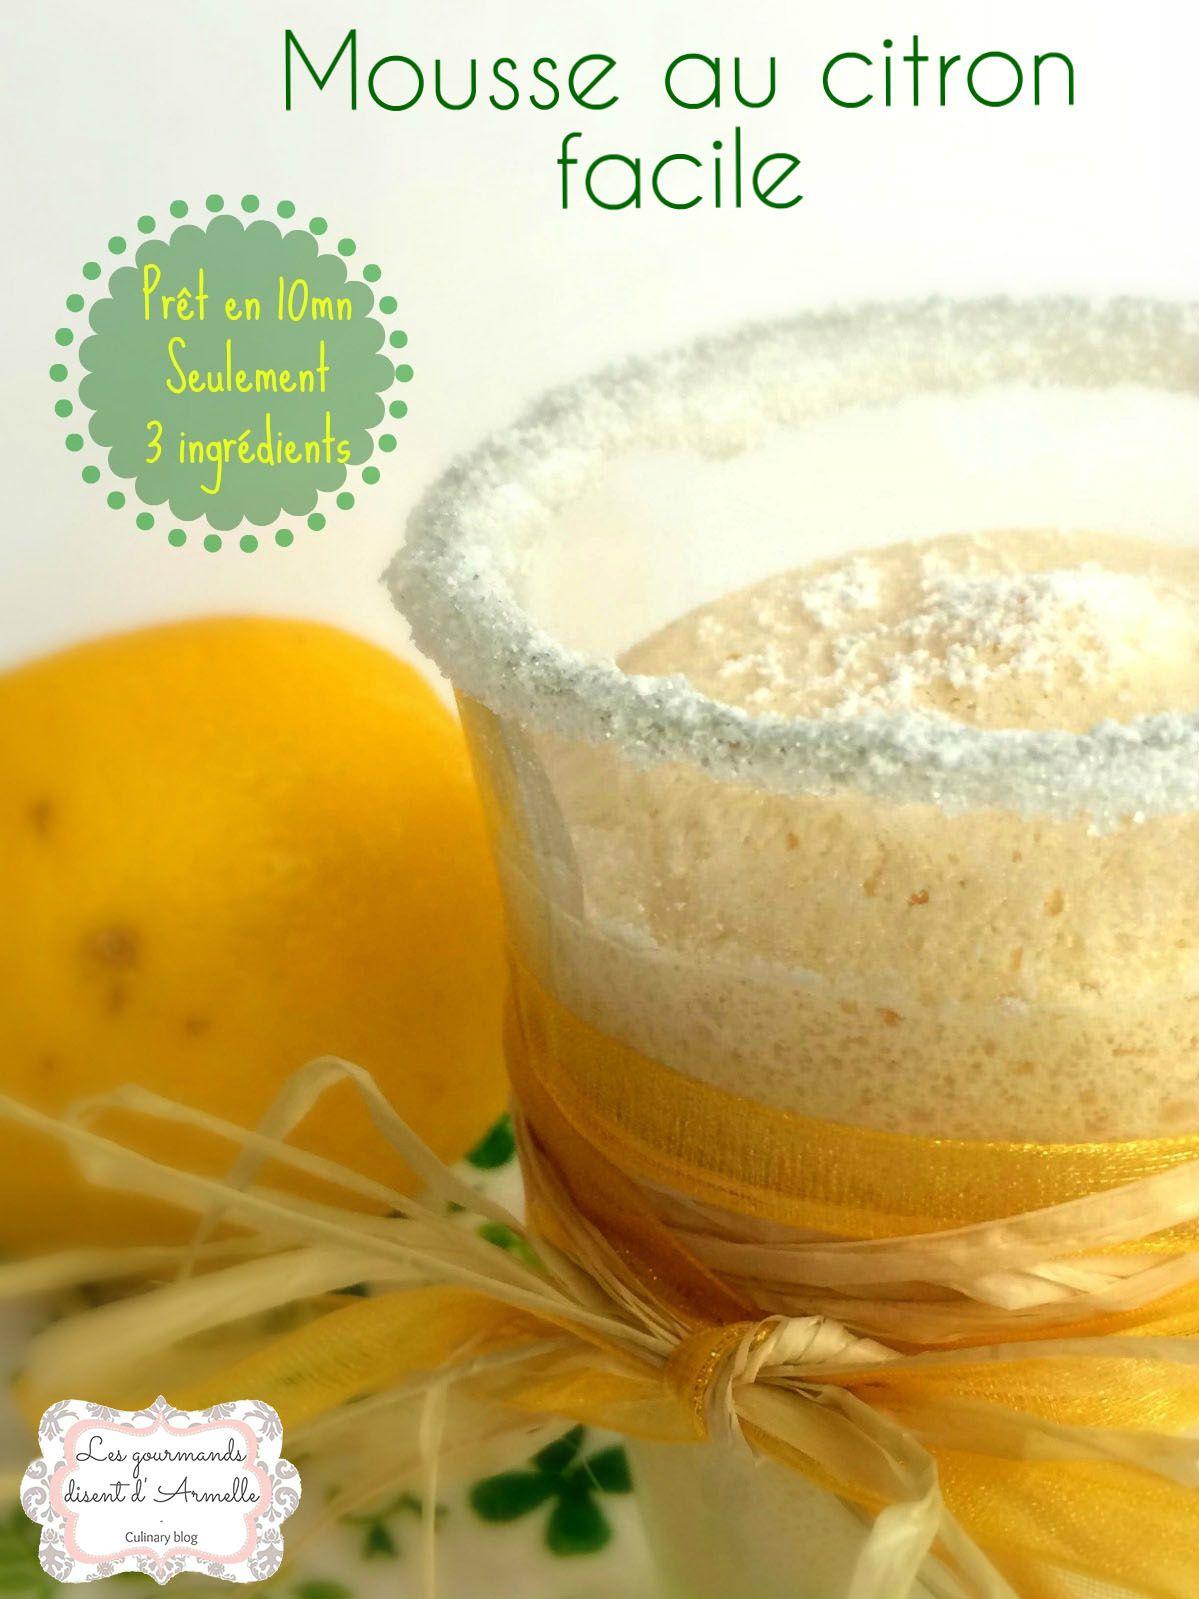 Mousse au citron facile (givrée ou non)